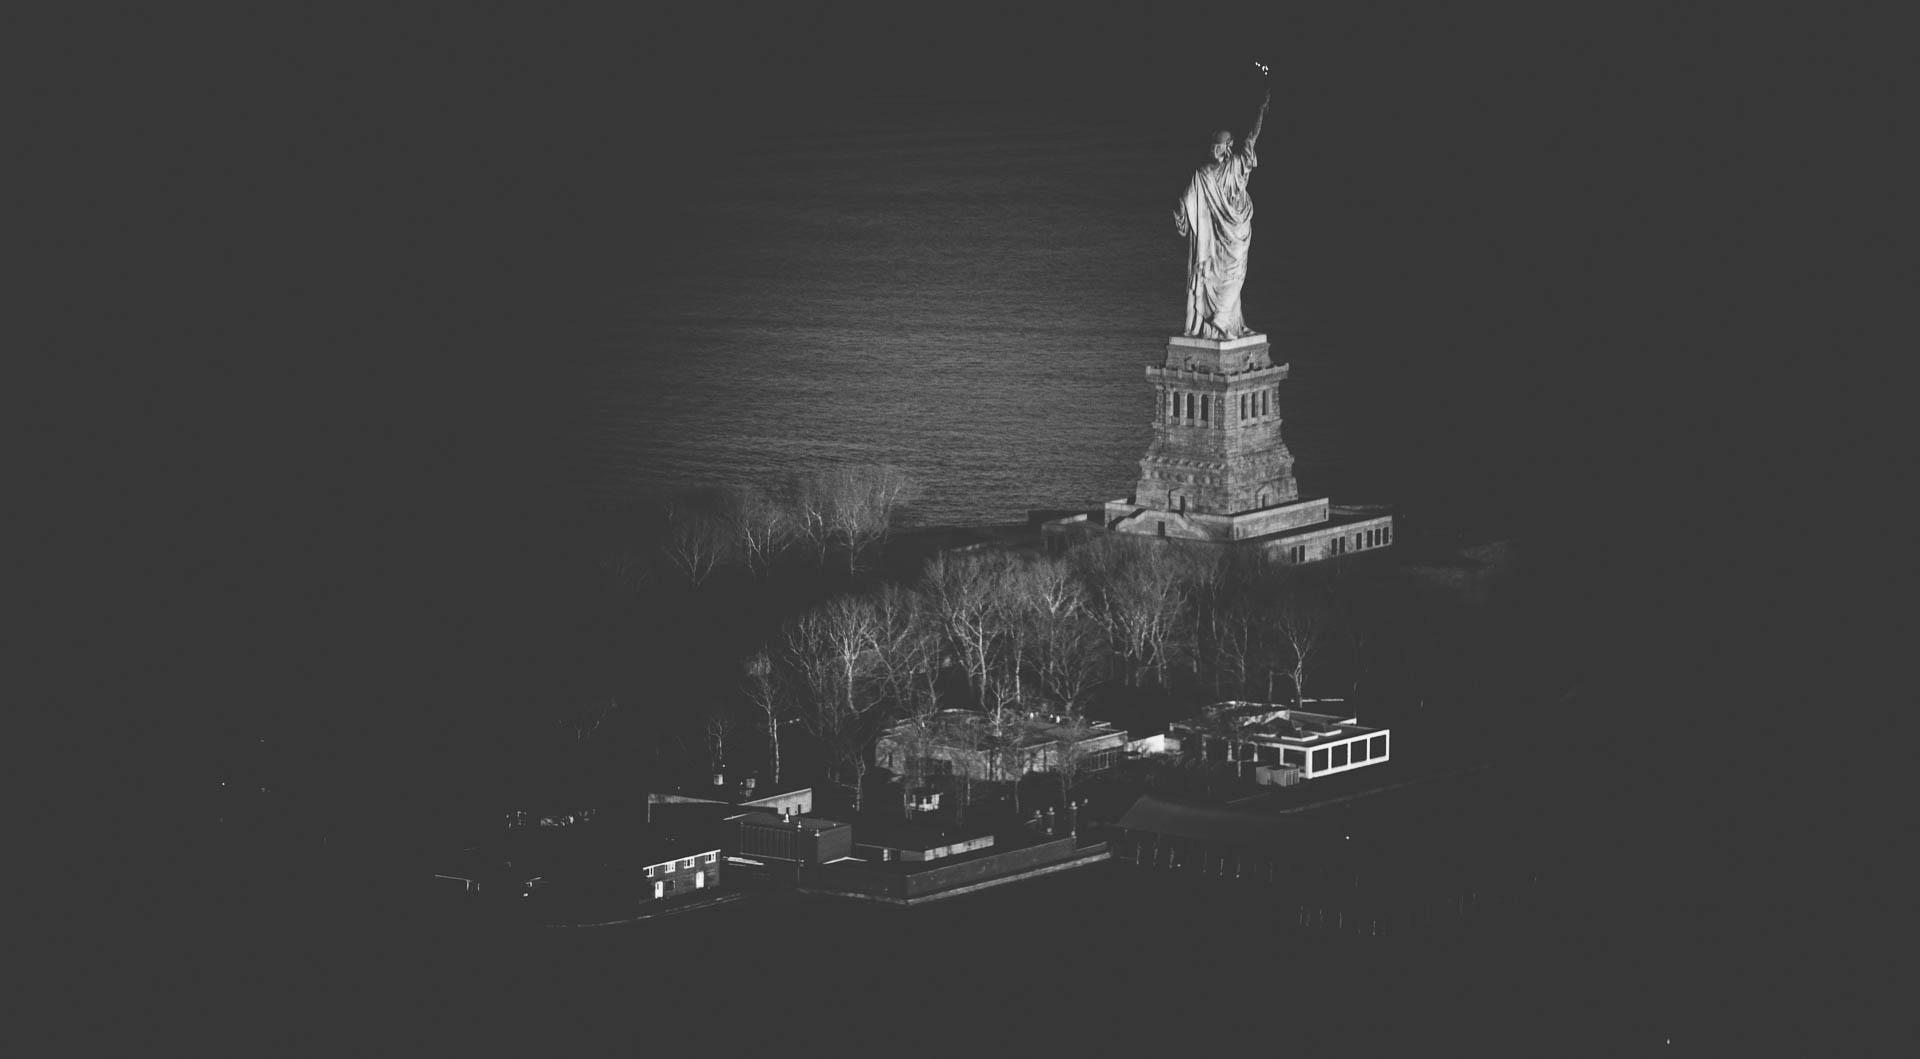 NYC Statue of Liberty Fotograf Tobi Bohn Berlin